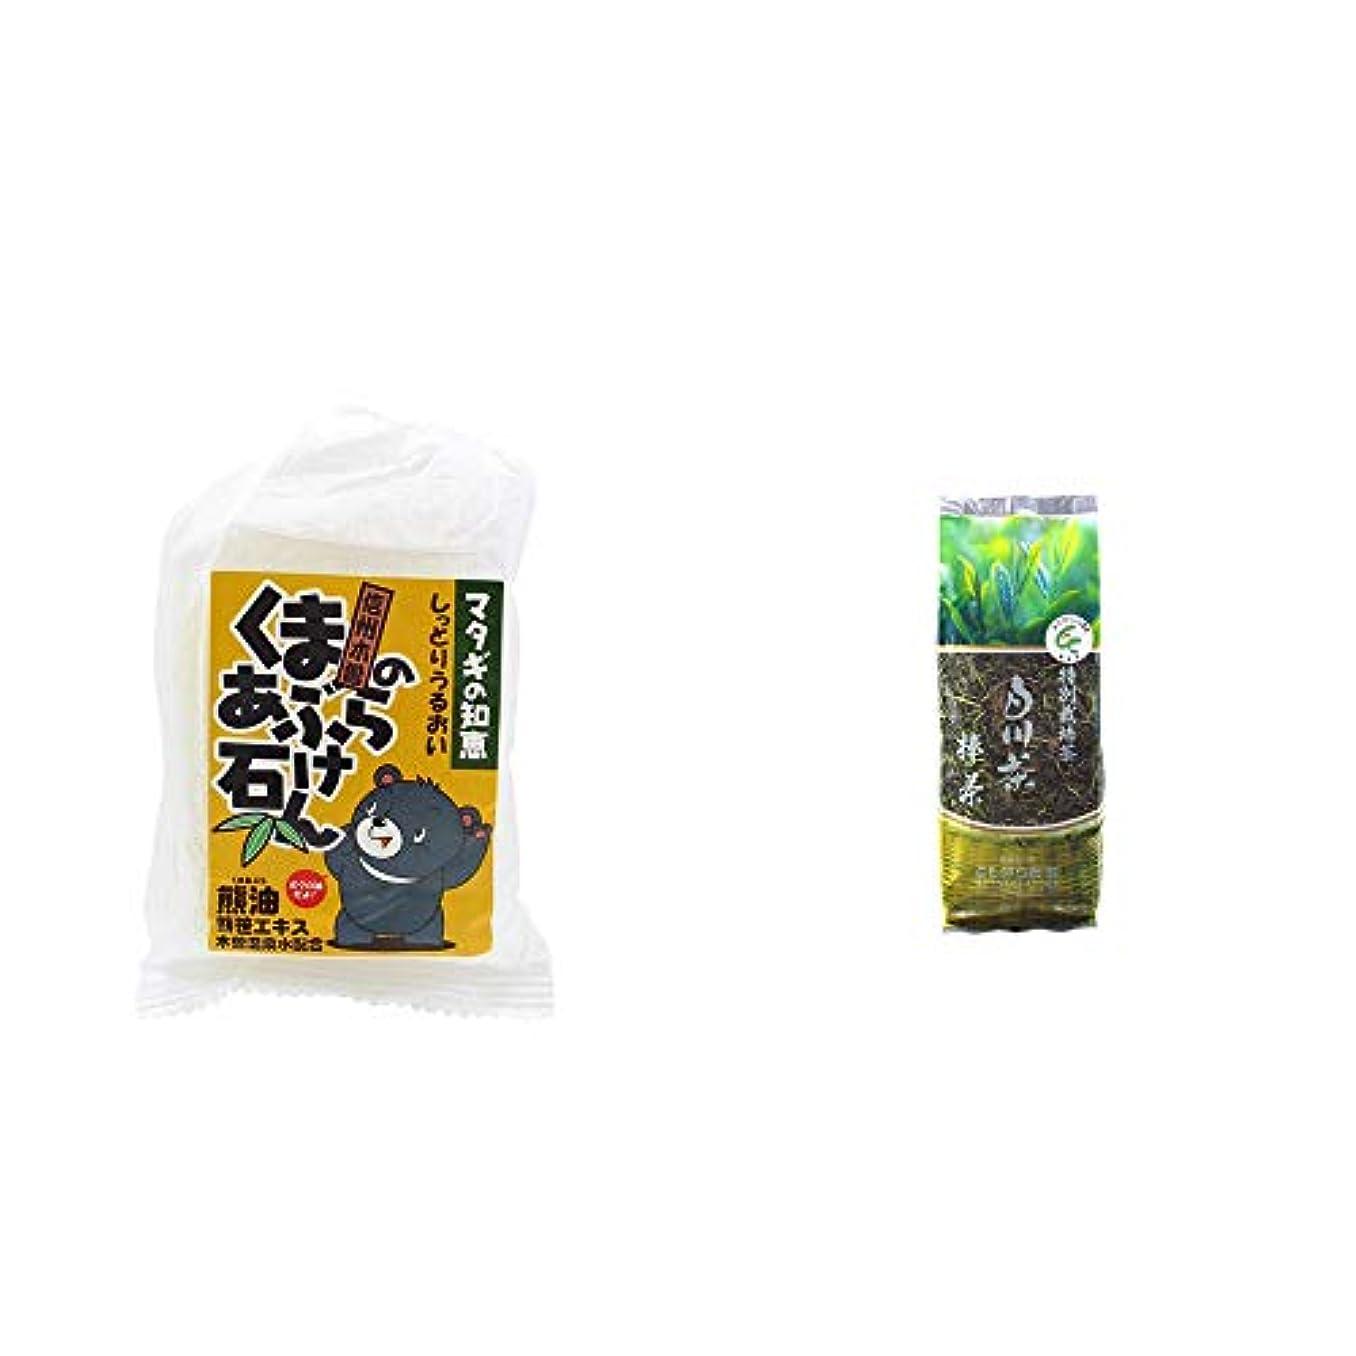 役立つ売り手コスト[2点セット] 信州木曽 くまのあぶら石けん(80g)?白川茶 特別栽培茶【棒茶】(150g)